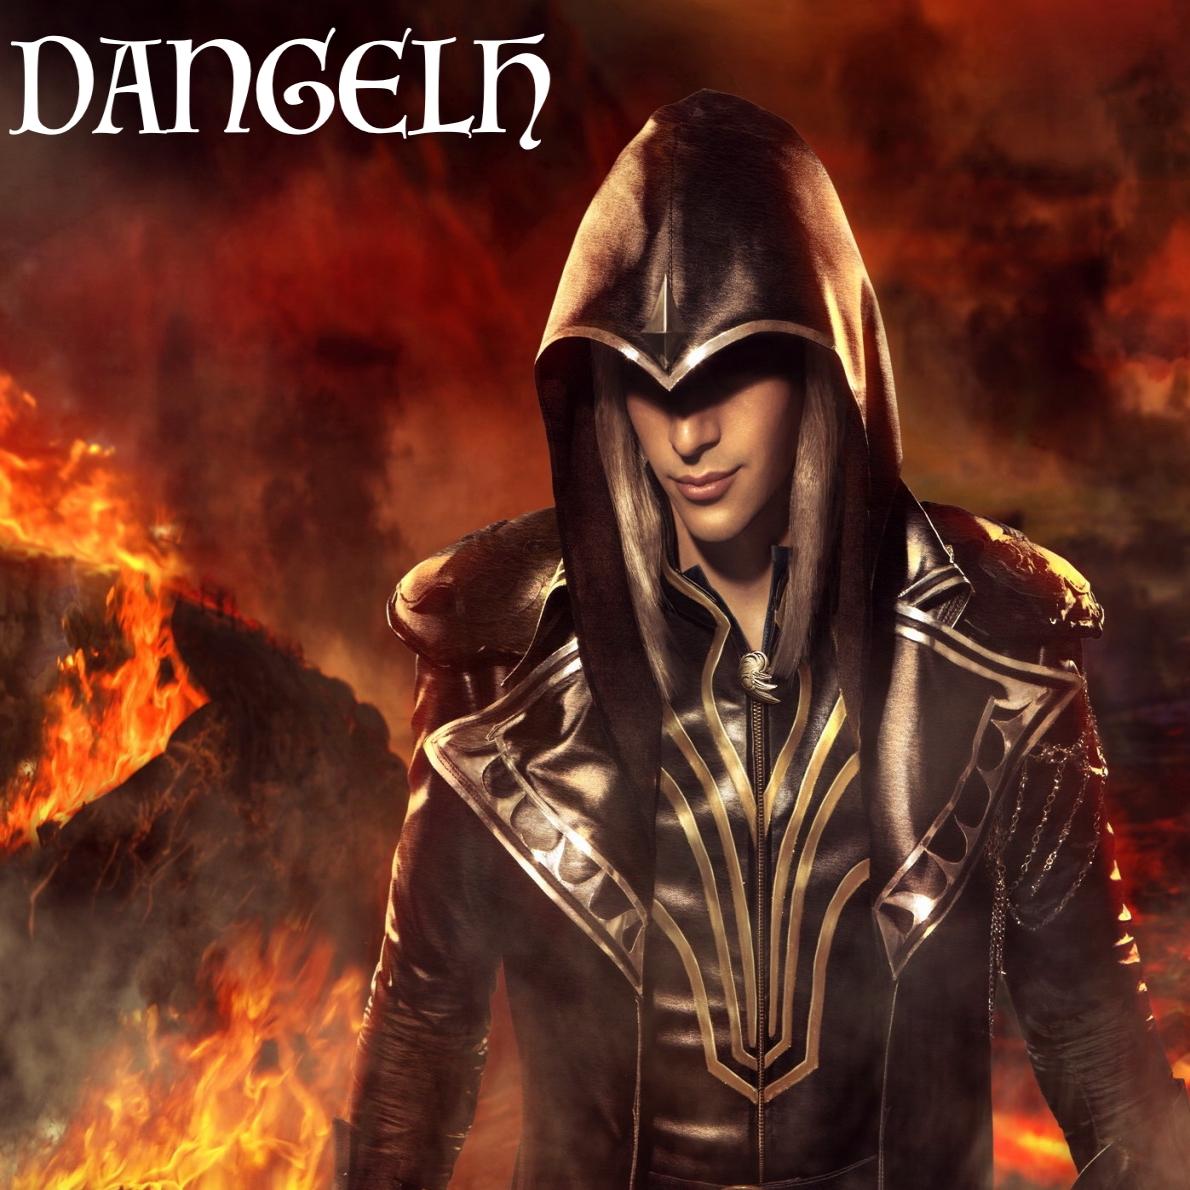 DANGELH - Deep Attack (Mix) (Original Mix)